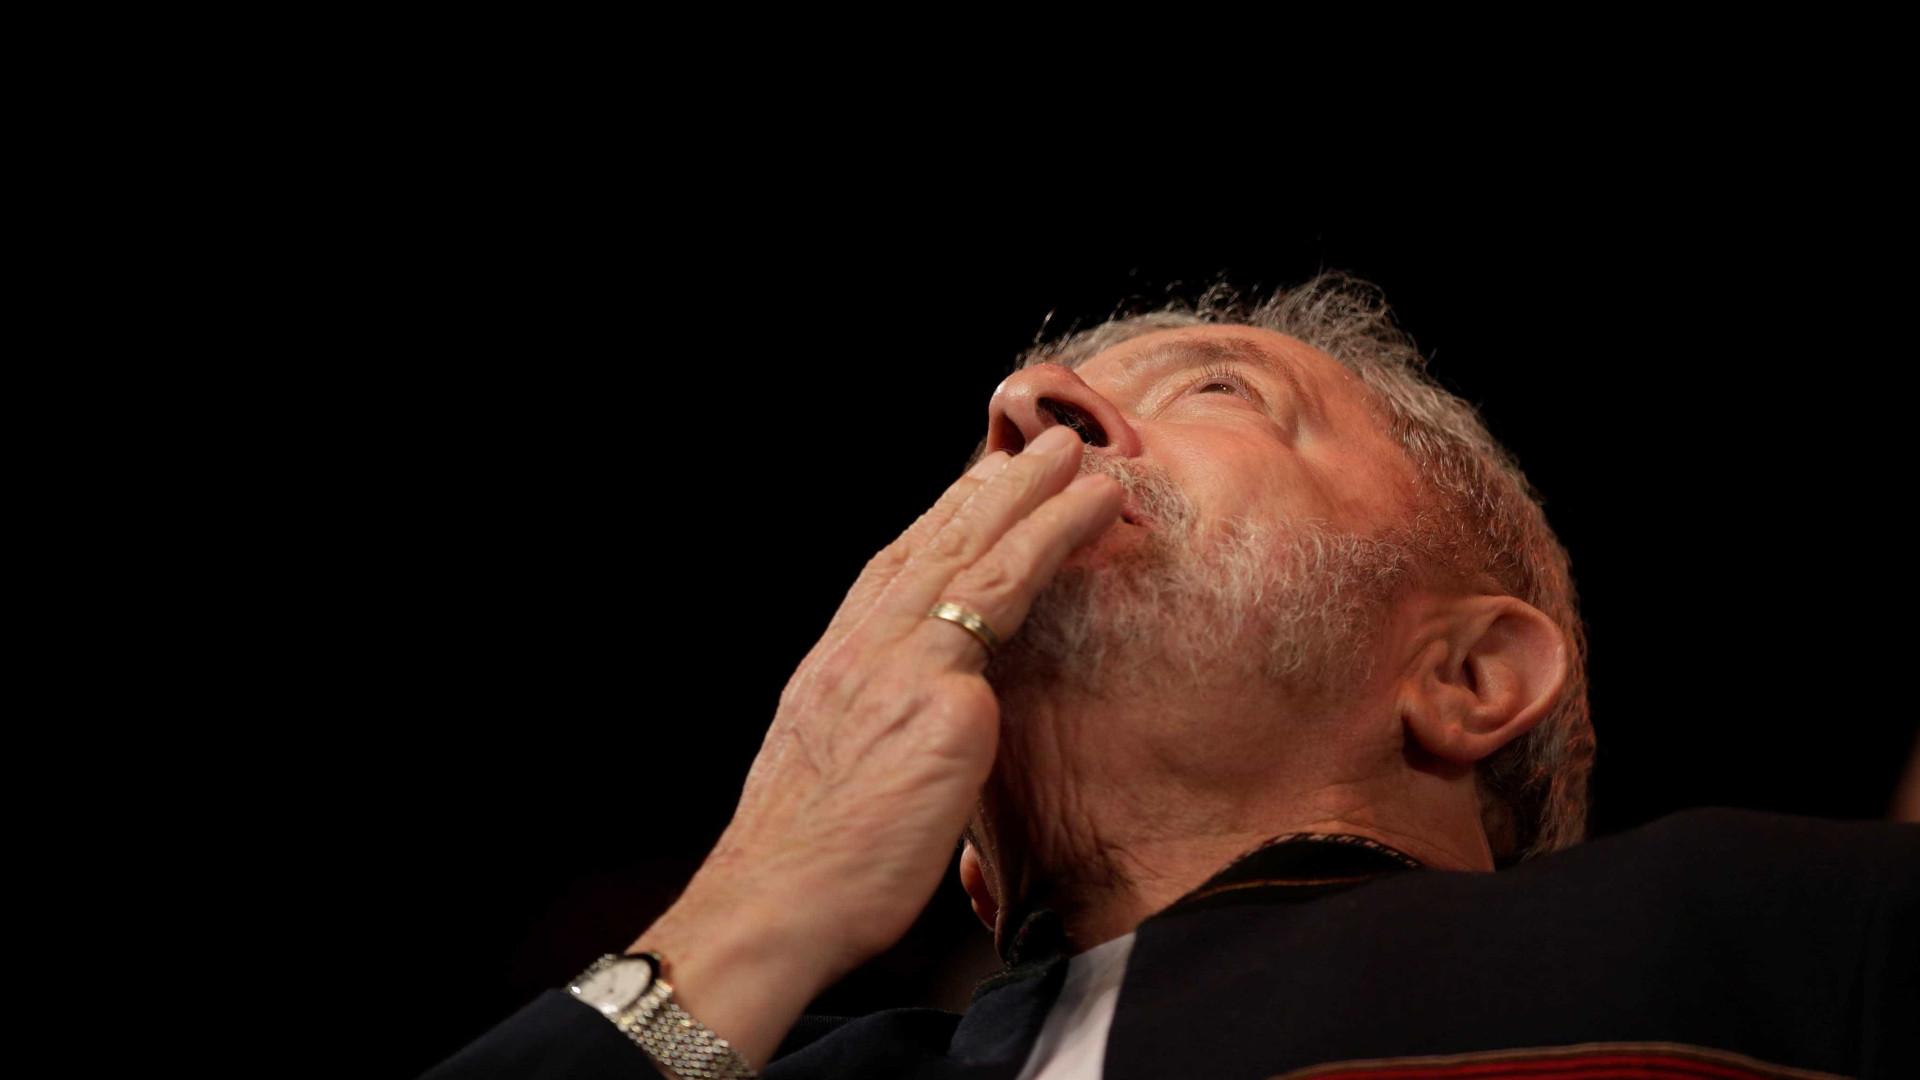 Justiça marca interrogatório de Lula na Zelotes para 21 de junho